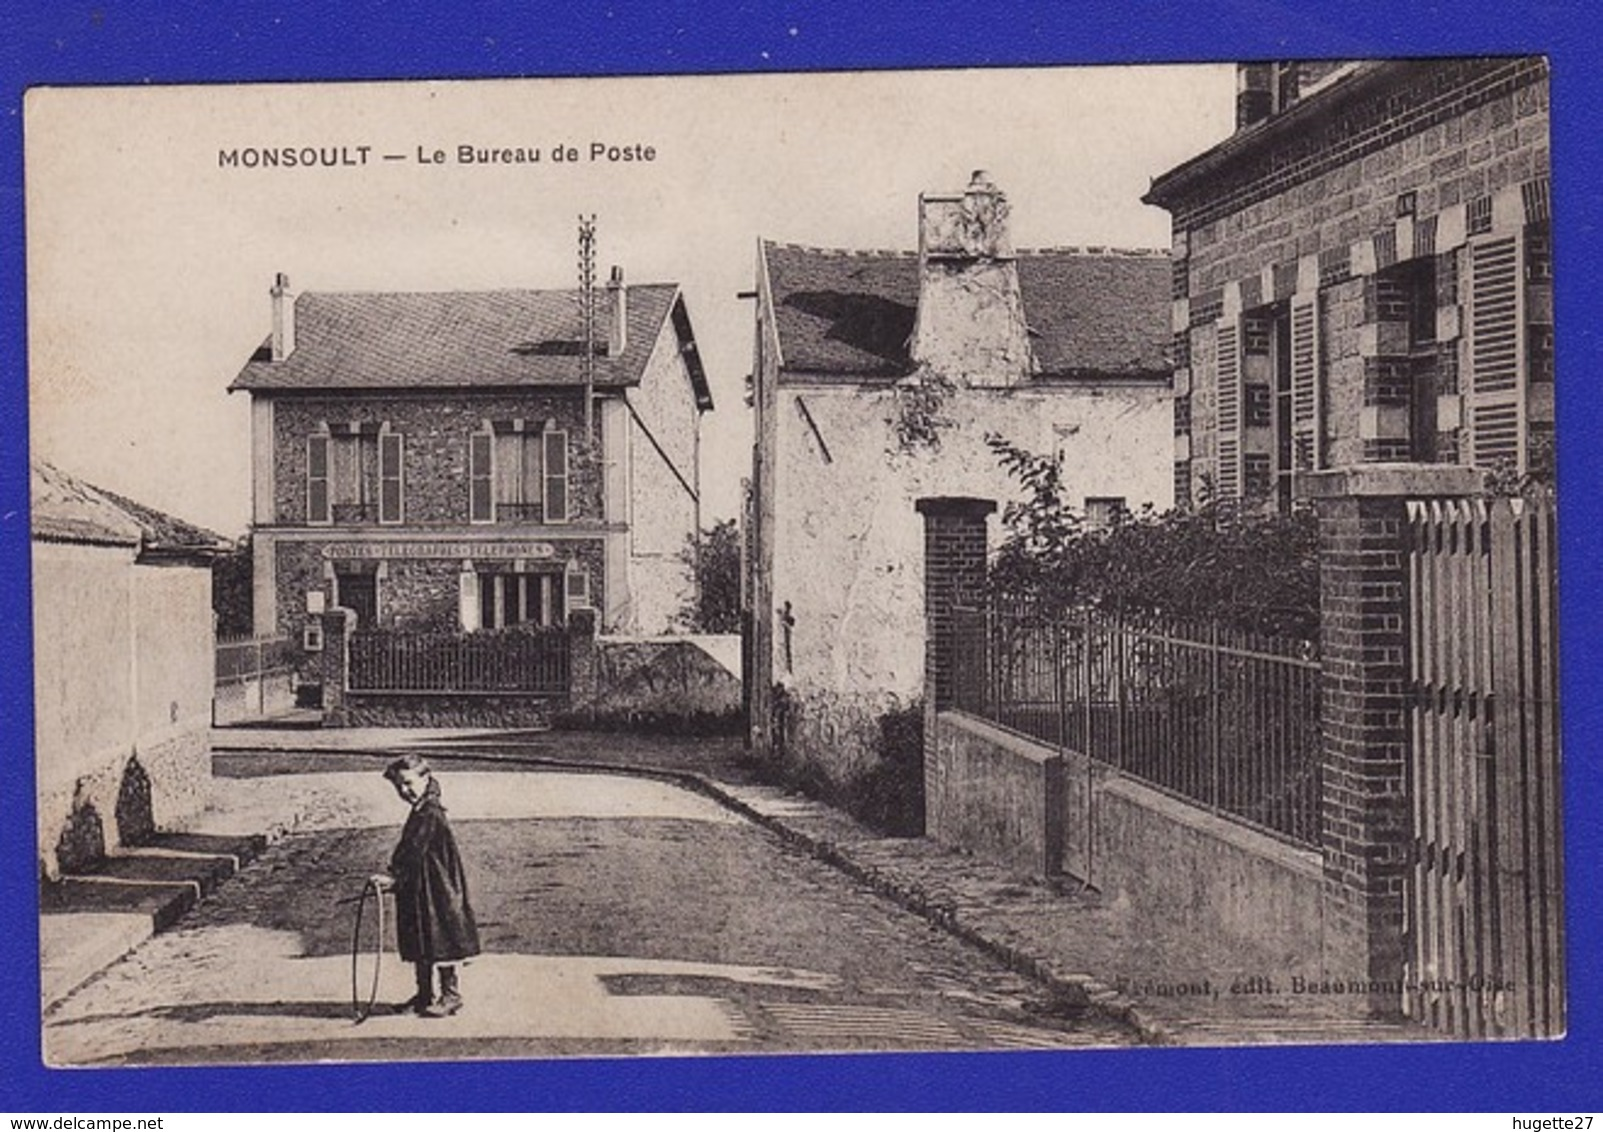 Monsoult Ou Montsoult Bureau De Poste :Très Très Bon état : +5027) - Montsoult